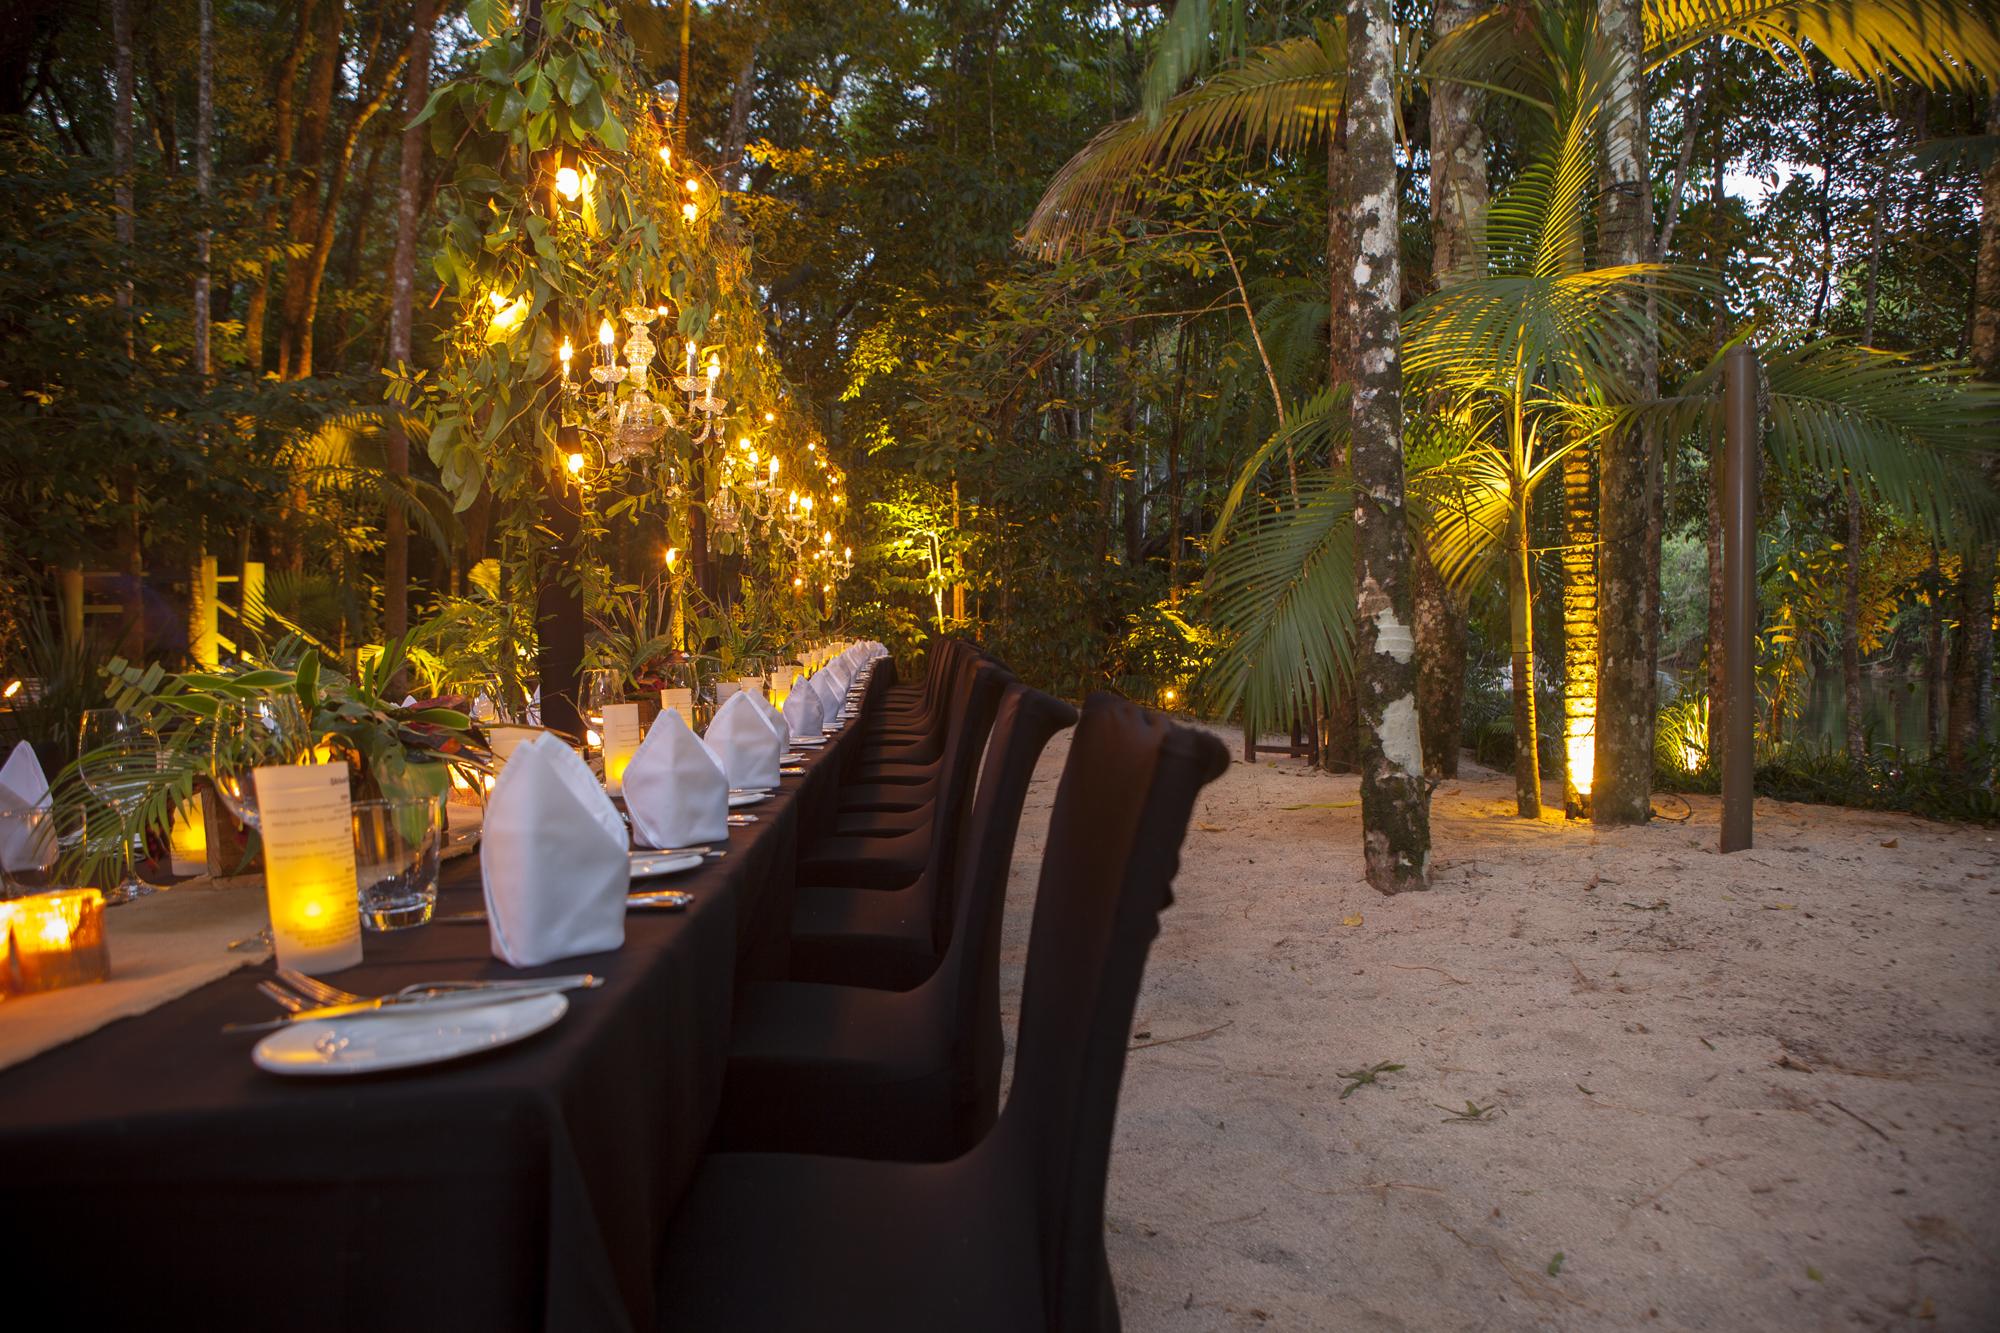 tble:menus:palms.jpg